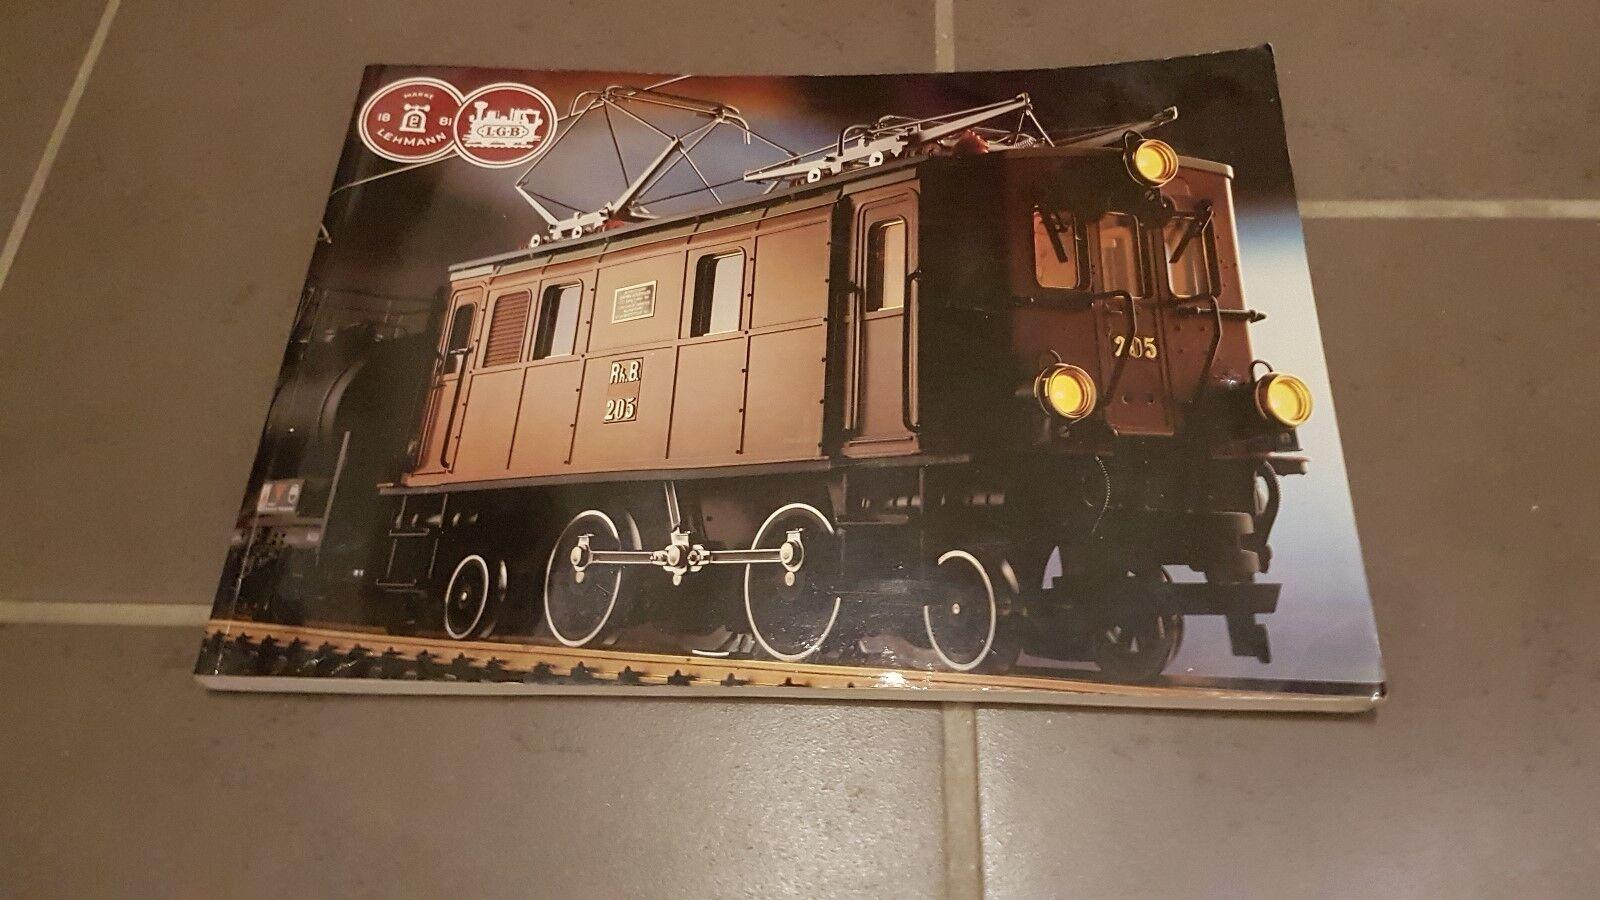 LGB Ferrovia Grande catalogo 1986/87  per la sua età correttamente ben conservati